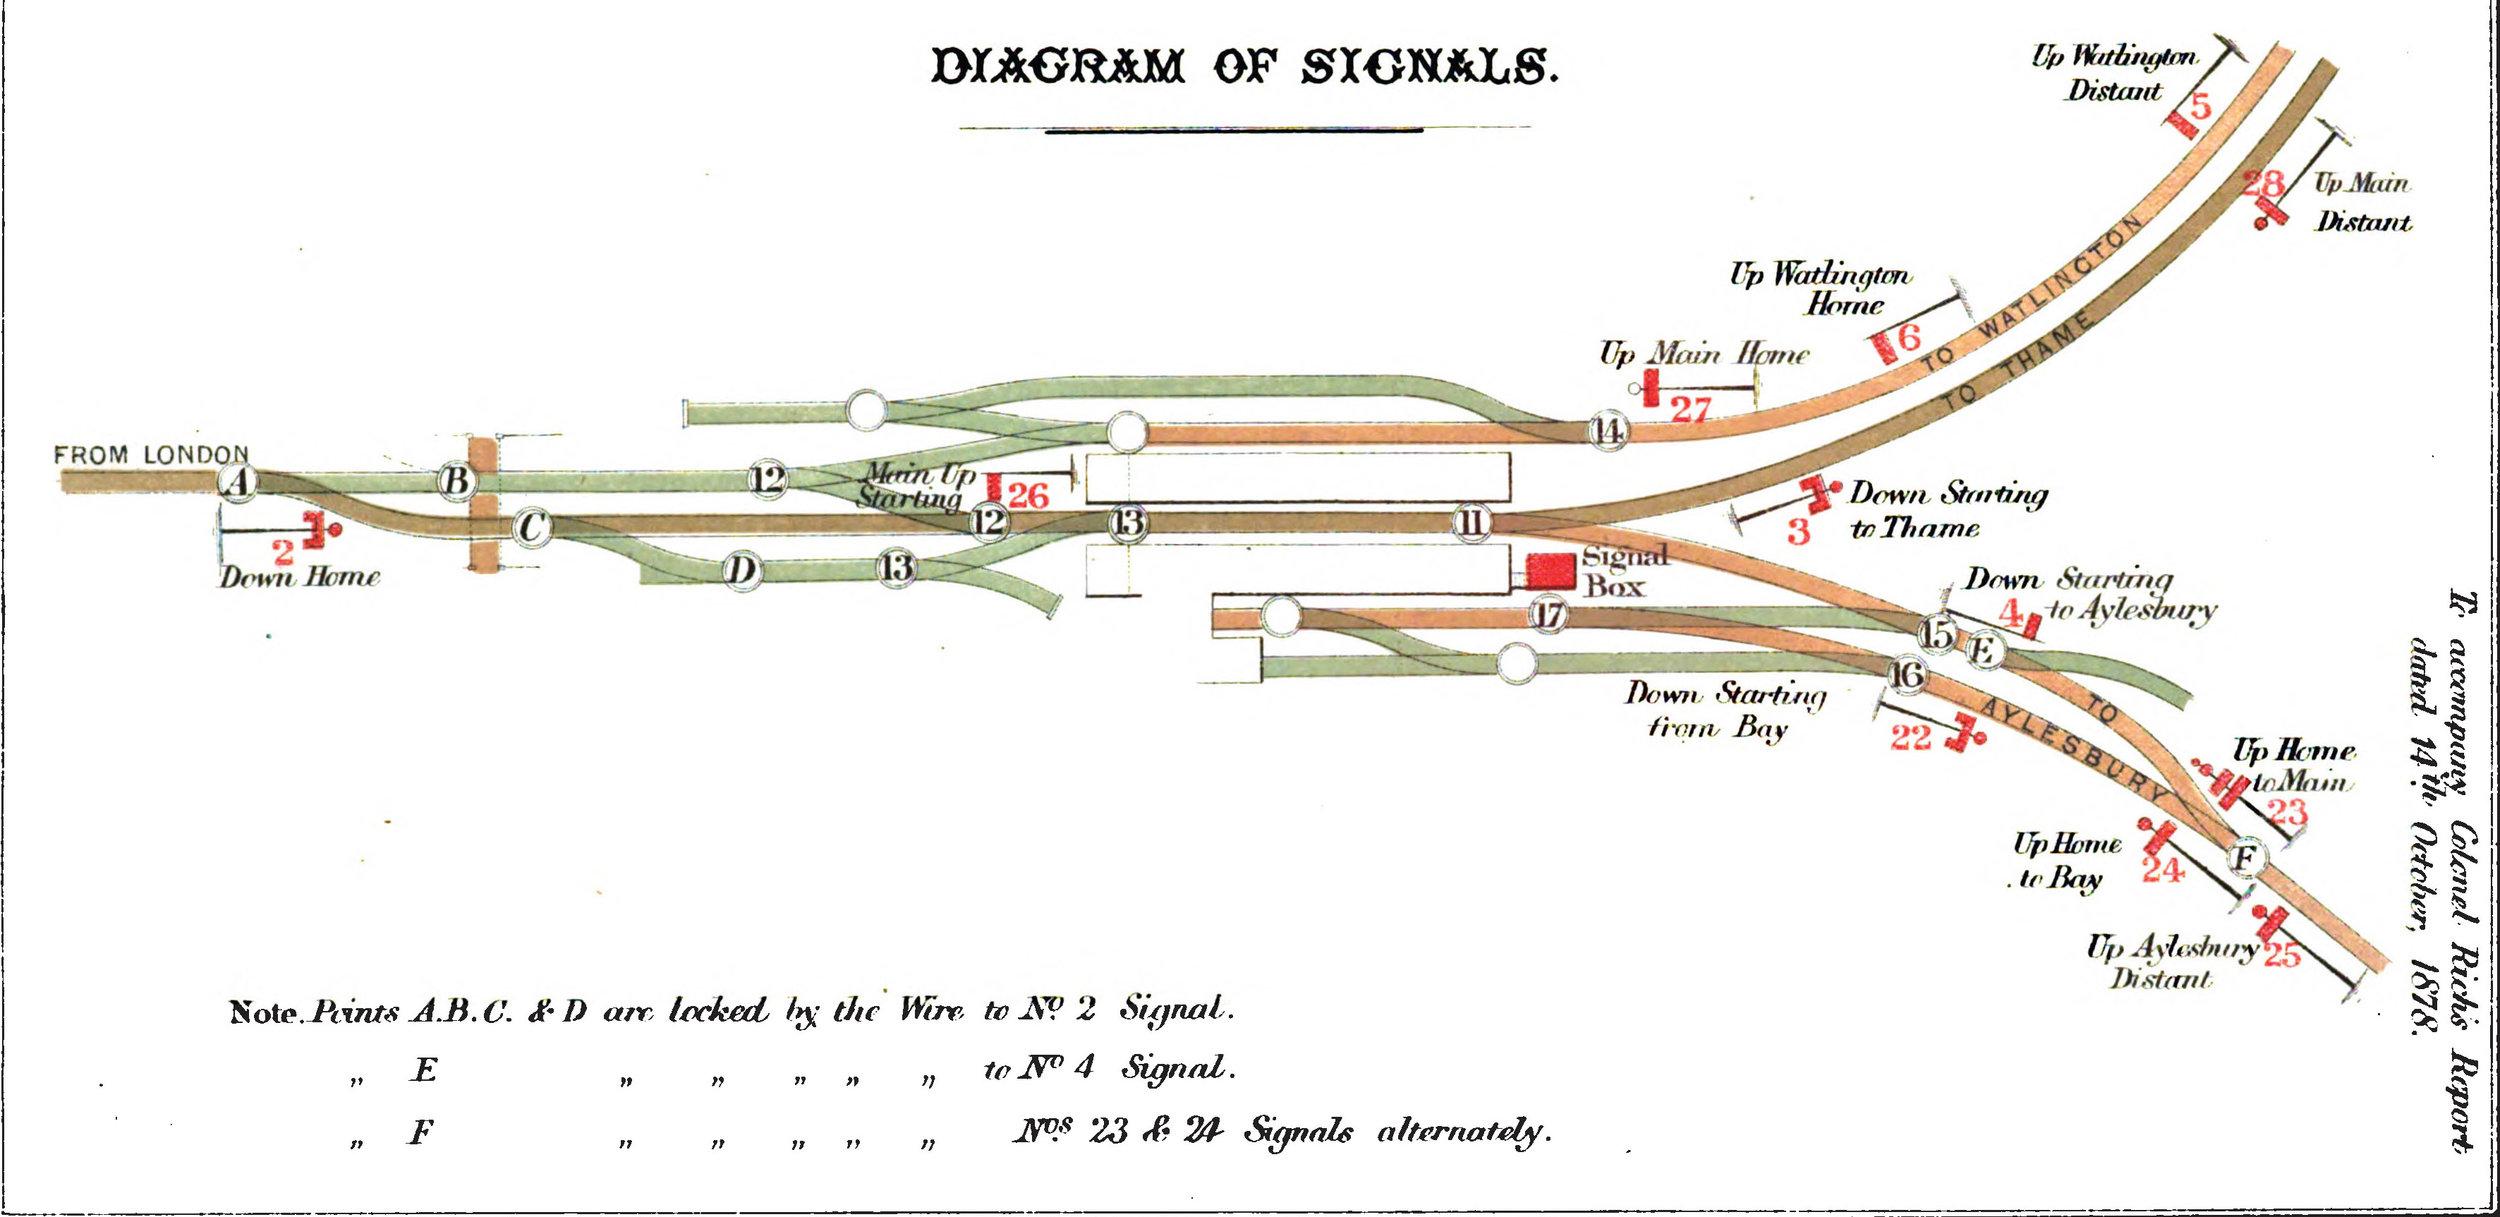 signals-diagram-1878-copy.jpg